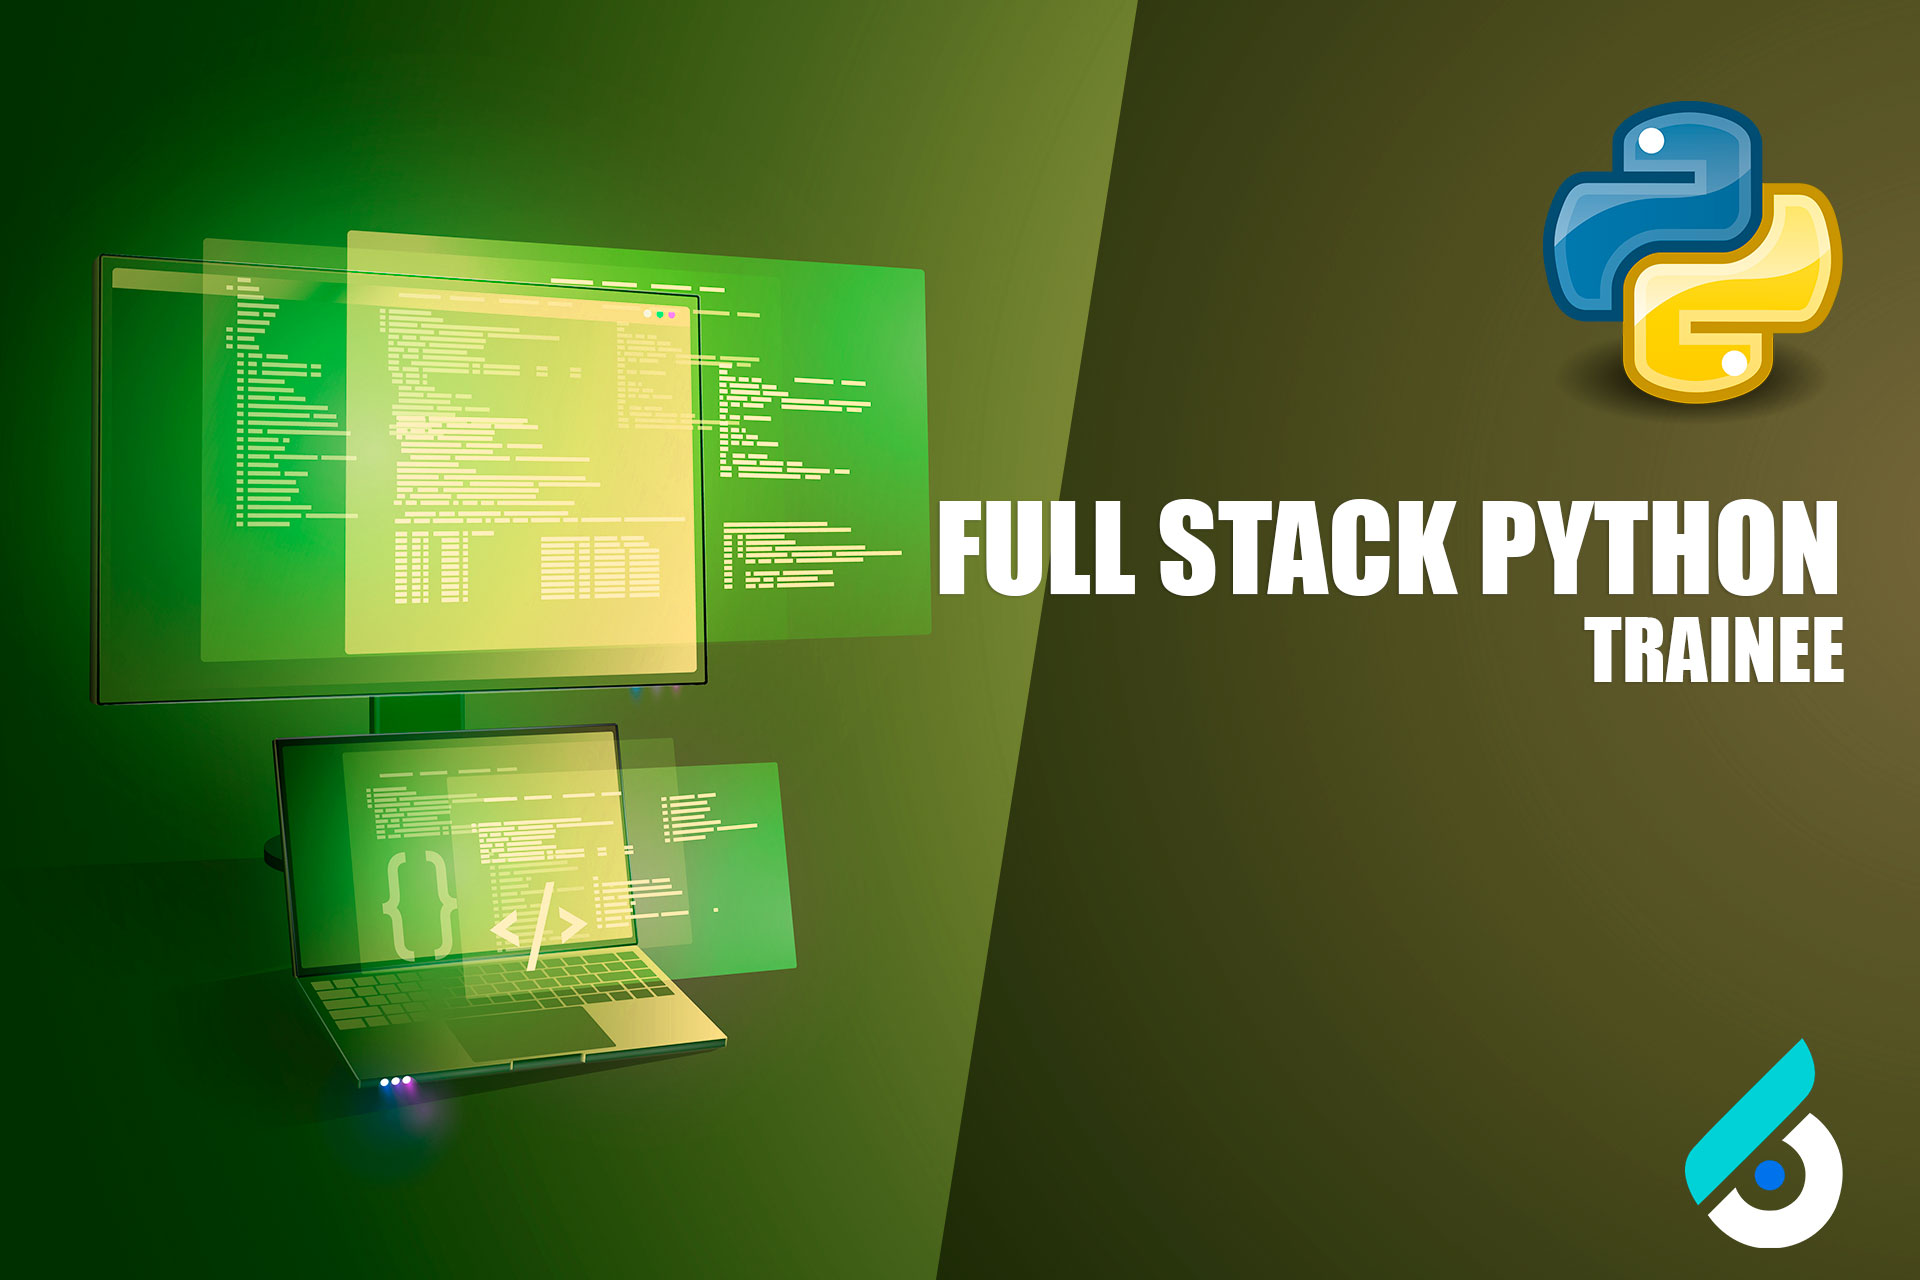 RLAB-20-01-05-0153-1 | Desarrollo de Aplicaciones Full Stack Python Trainee